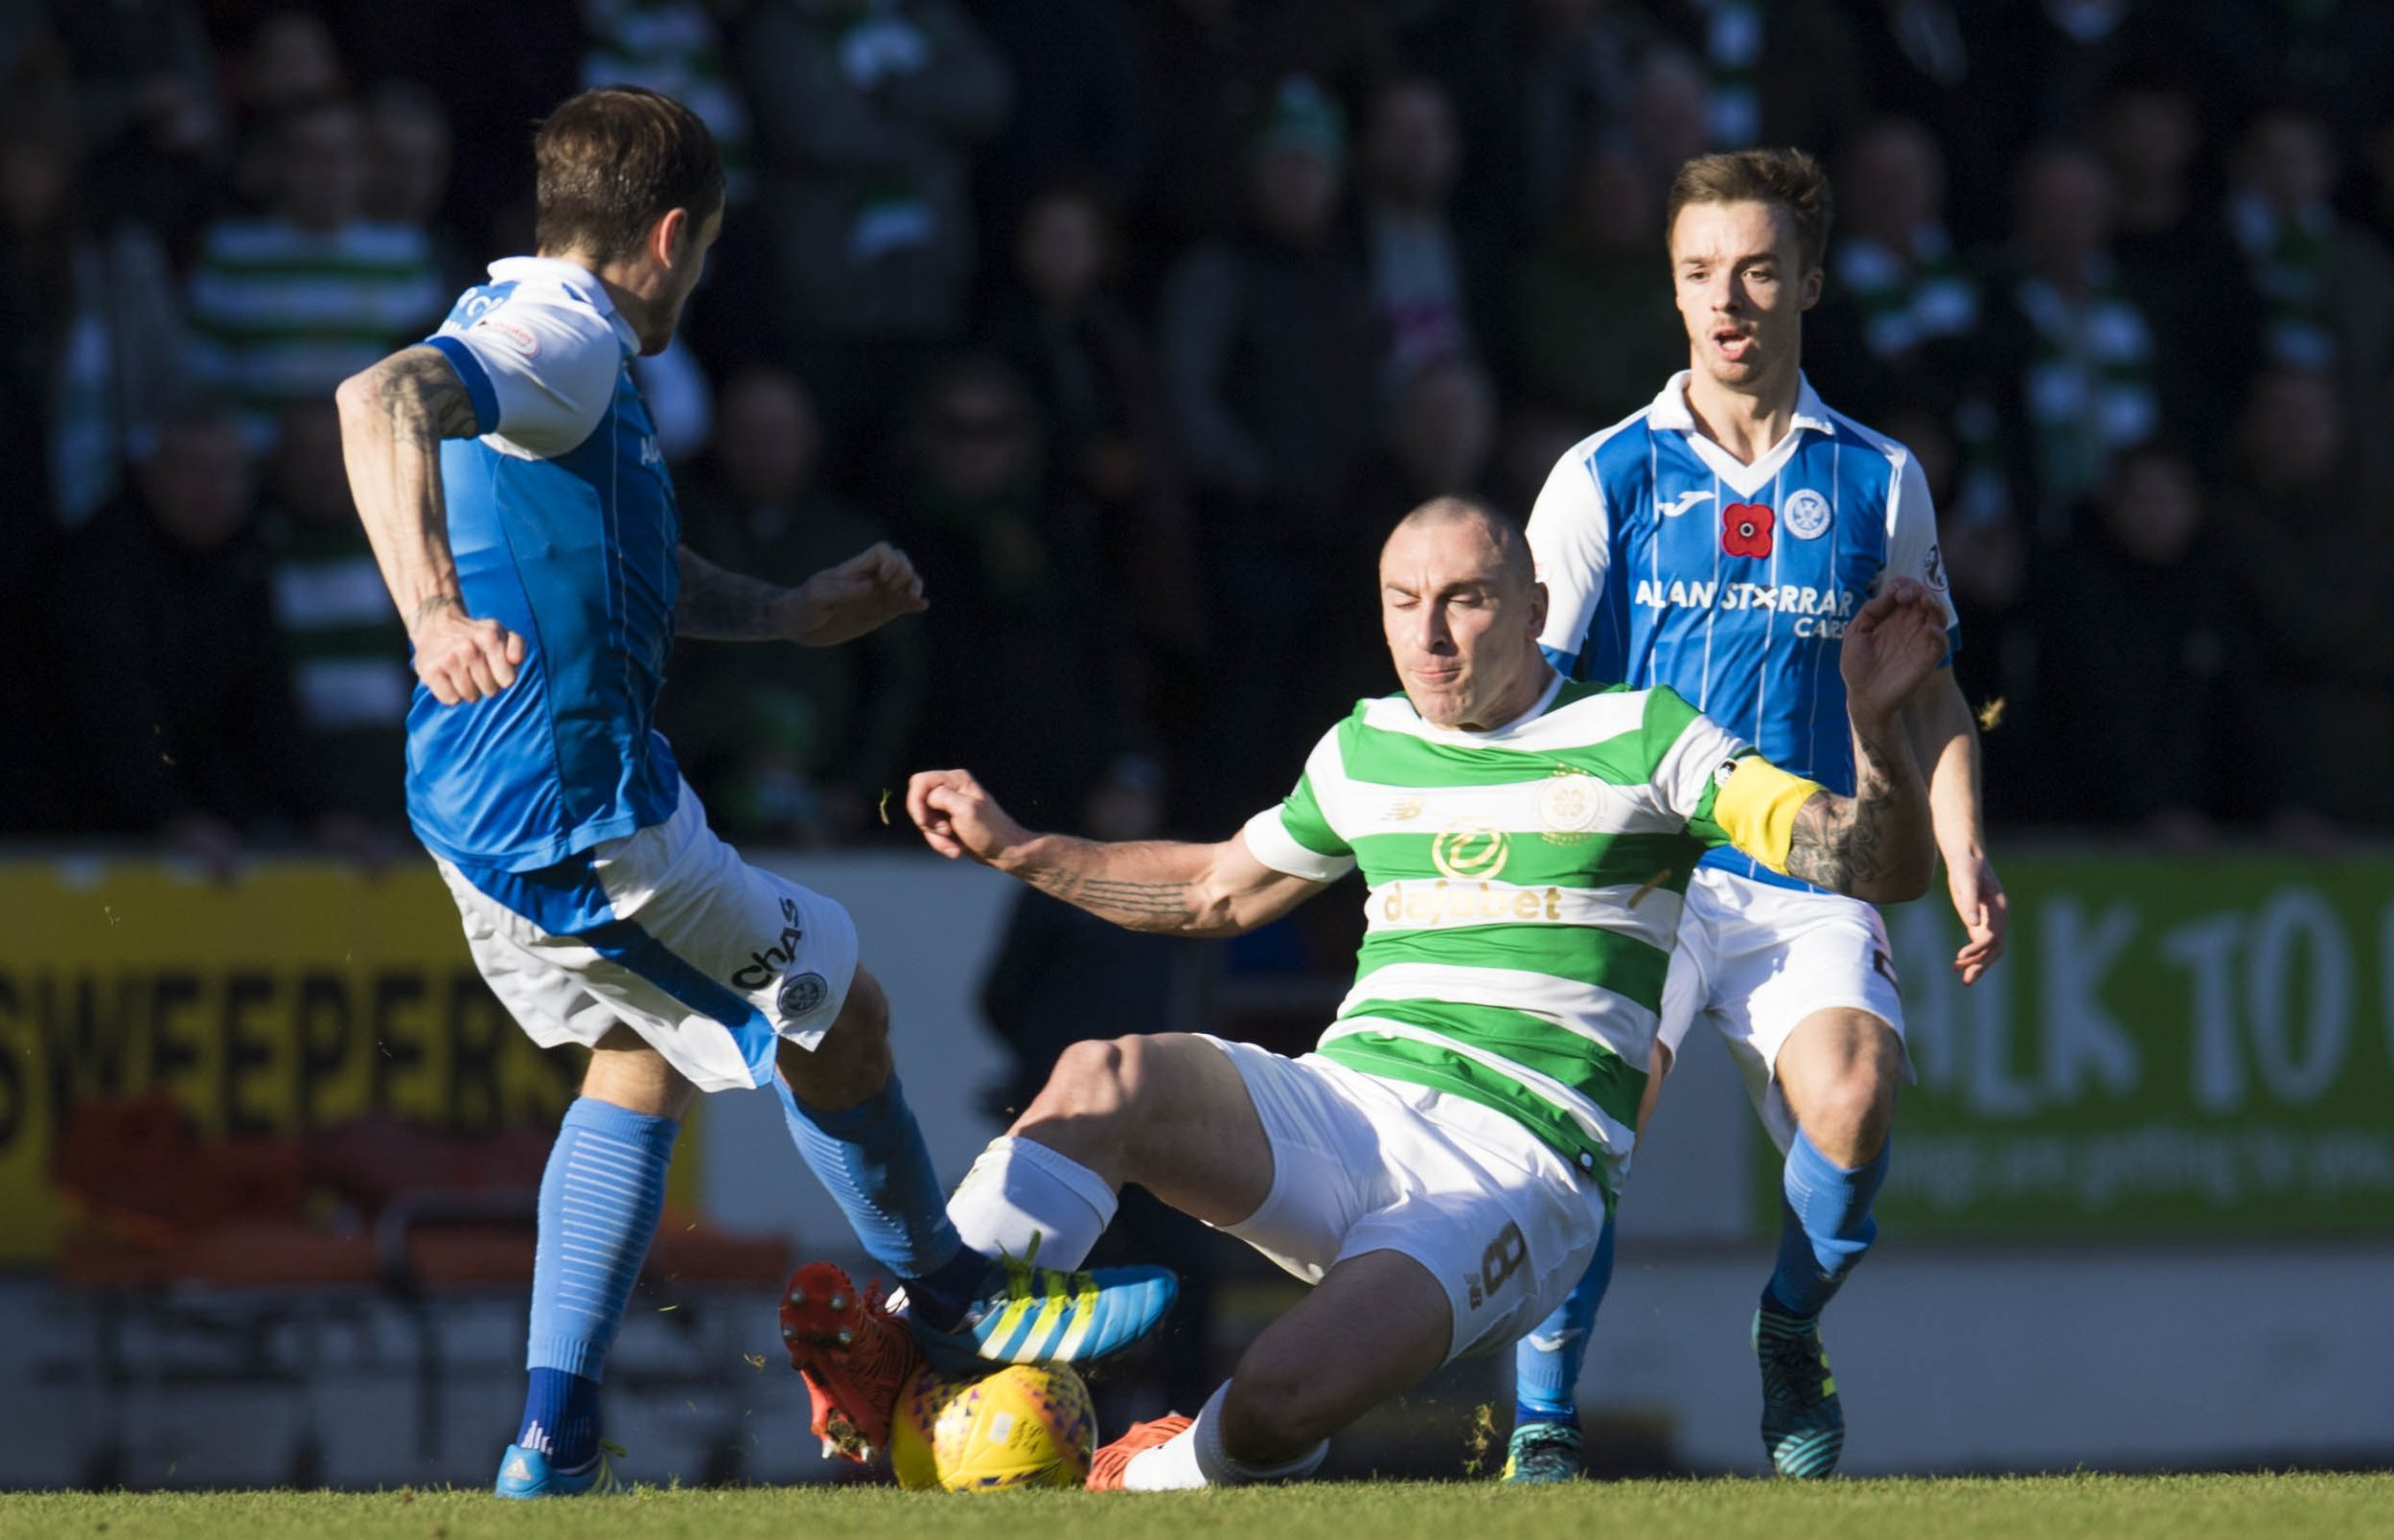 Celtic's Scott Brown challenges St Johnstone's Paul Paton.